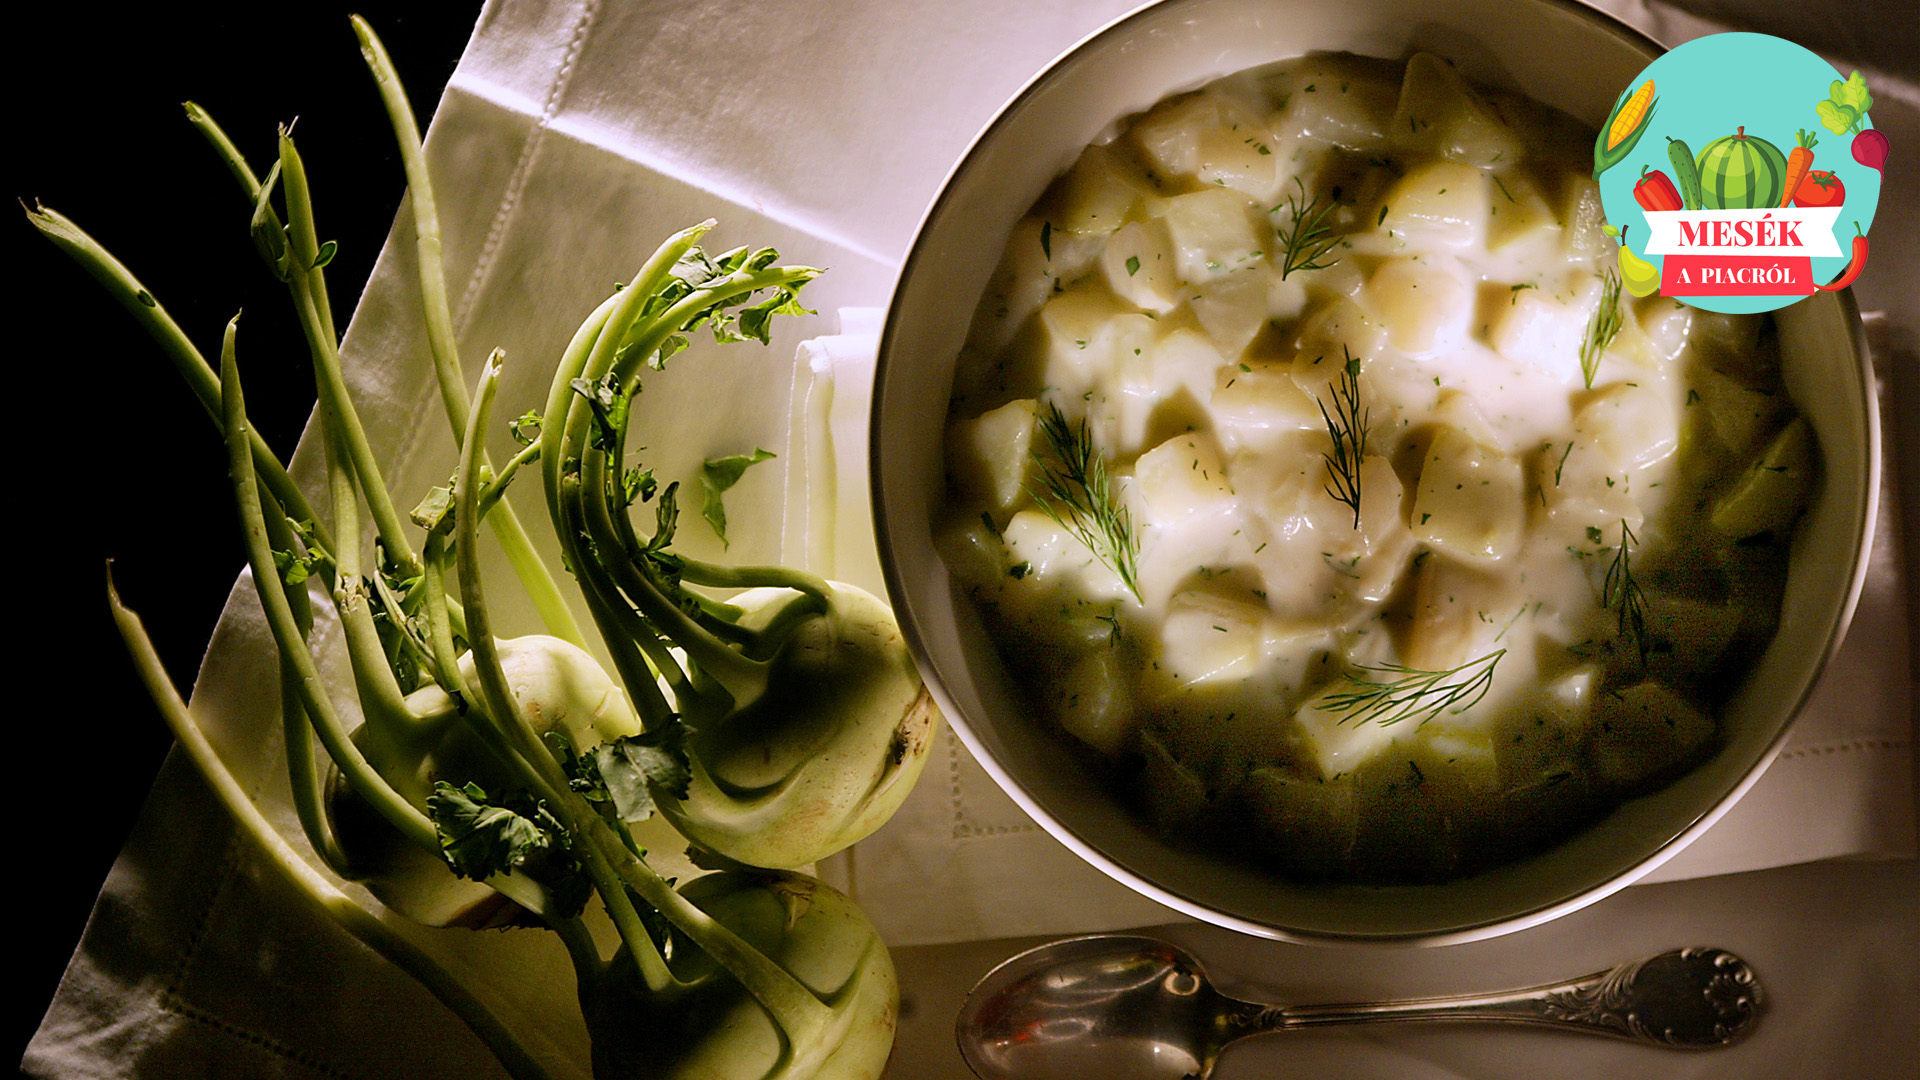 Karalábé, a kedves, de valójában felejthető zöldség